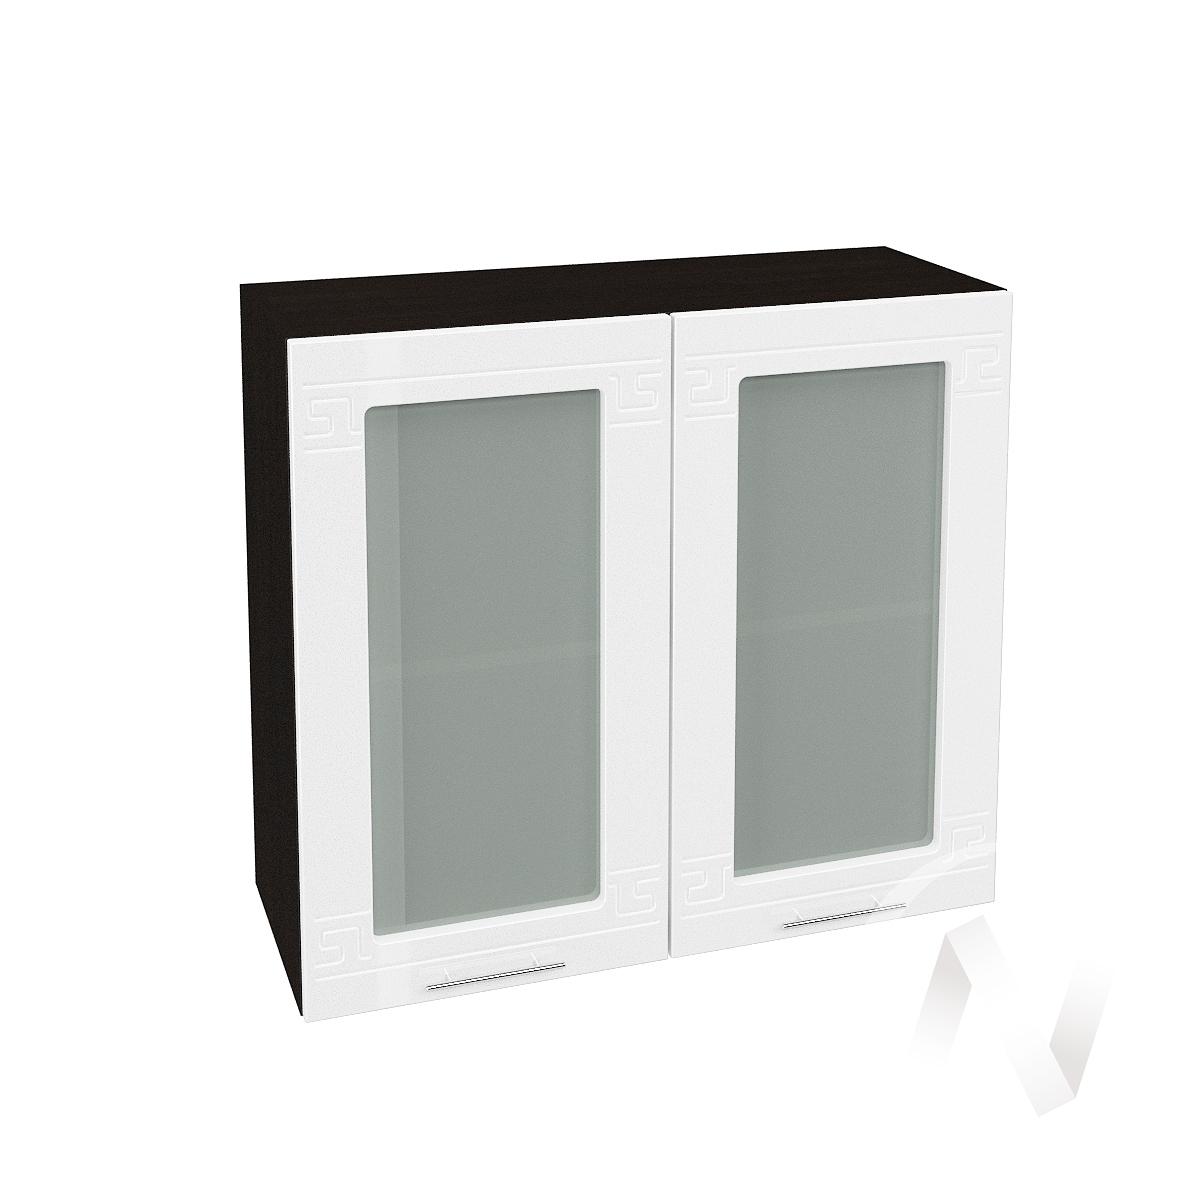 """Кухня """"Греция"""": Шкаф верхний со стеклом 800, ШВС 800 новый (белый металлик/корпус венге)"""